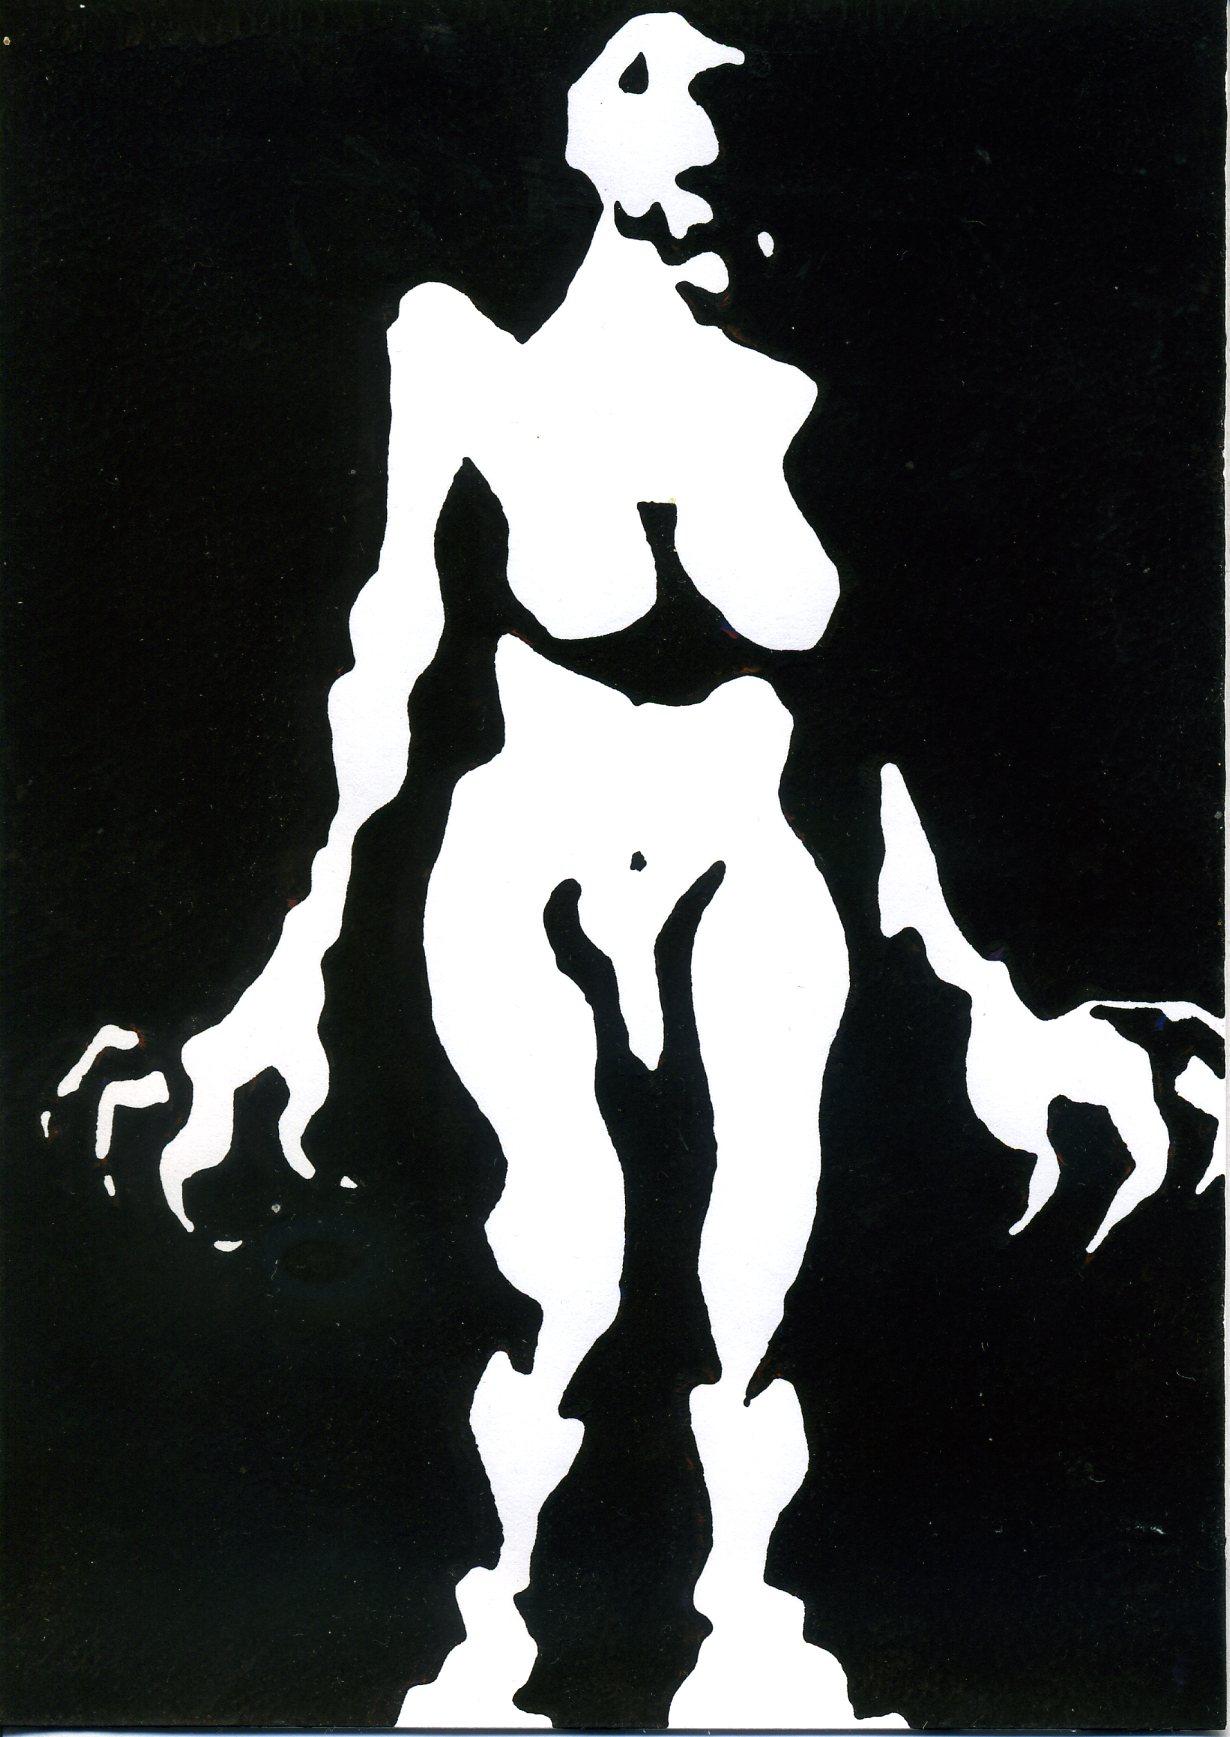 Transmonster-schwarz001.jpg